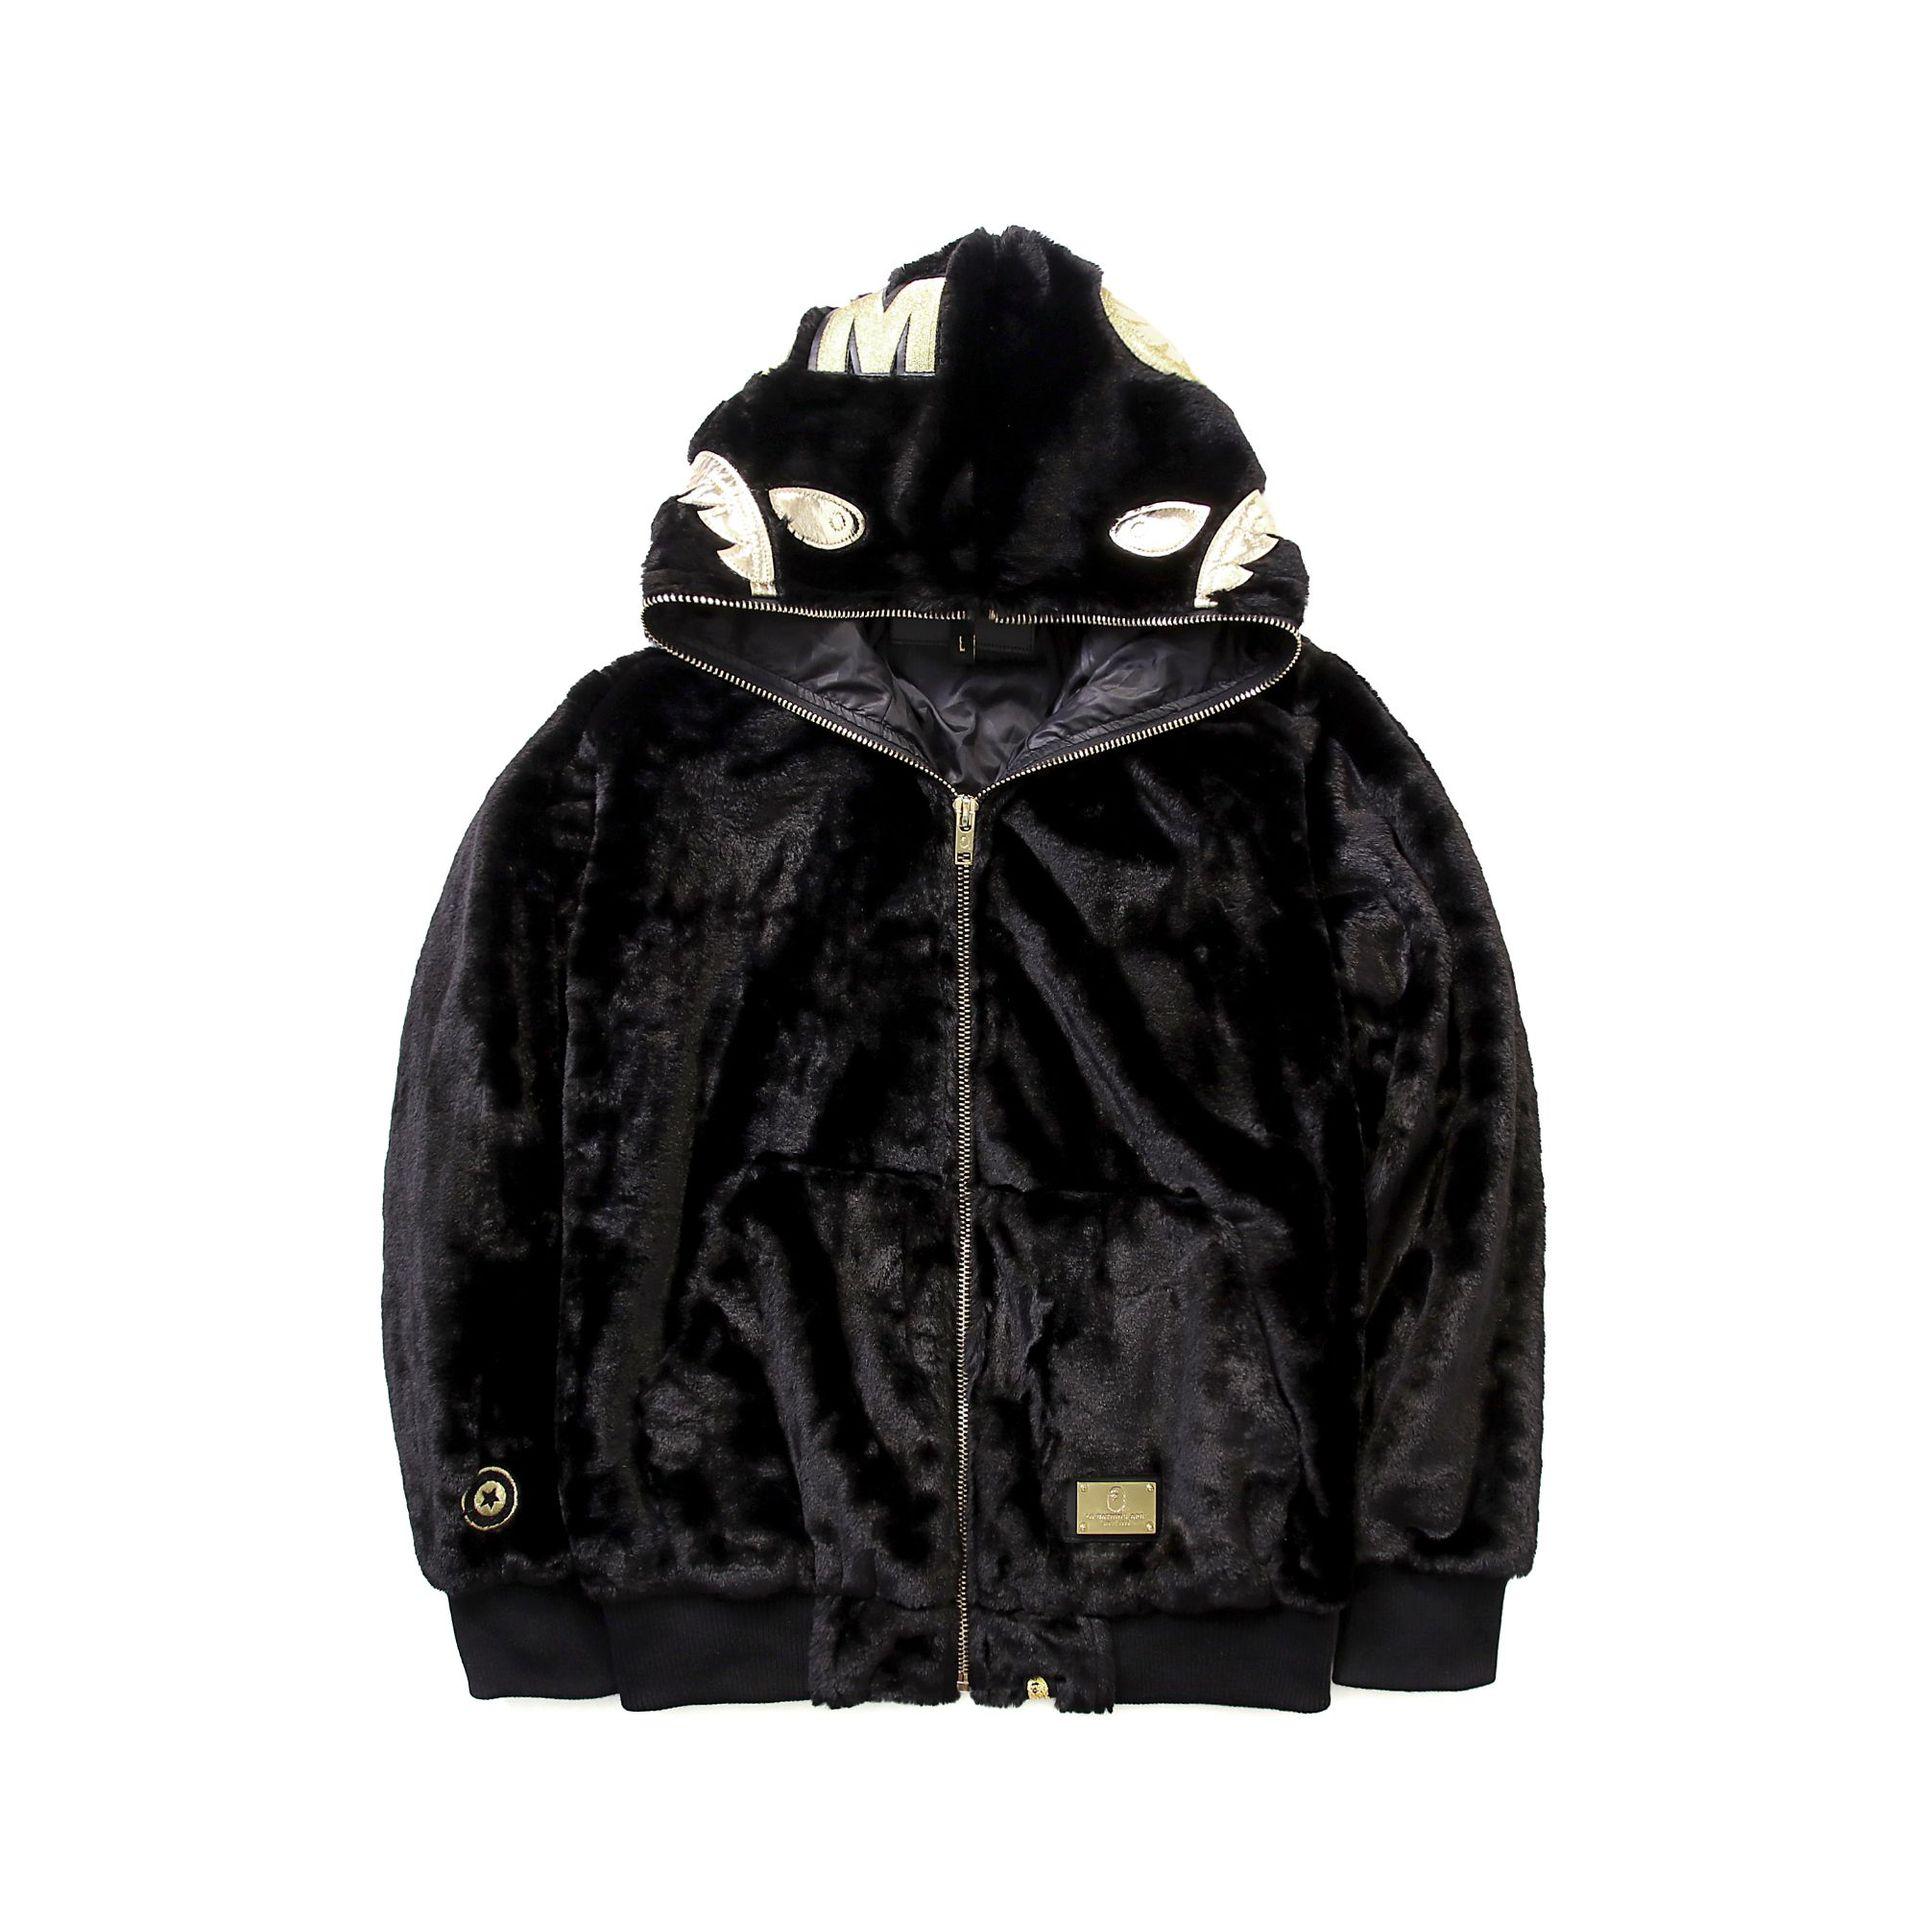 2019 черная Золотая толстовка с вышитой акулой, шерстяная толстовка с капюшоном Harajuku, топ, длинное пальто, Толстовка для косплея в стиле хип хоп